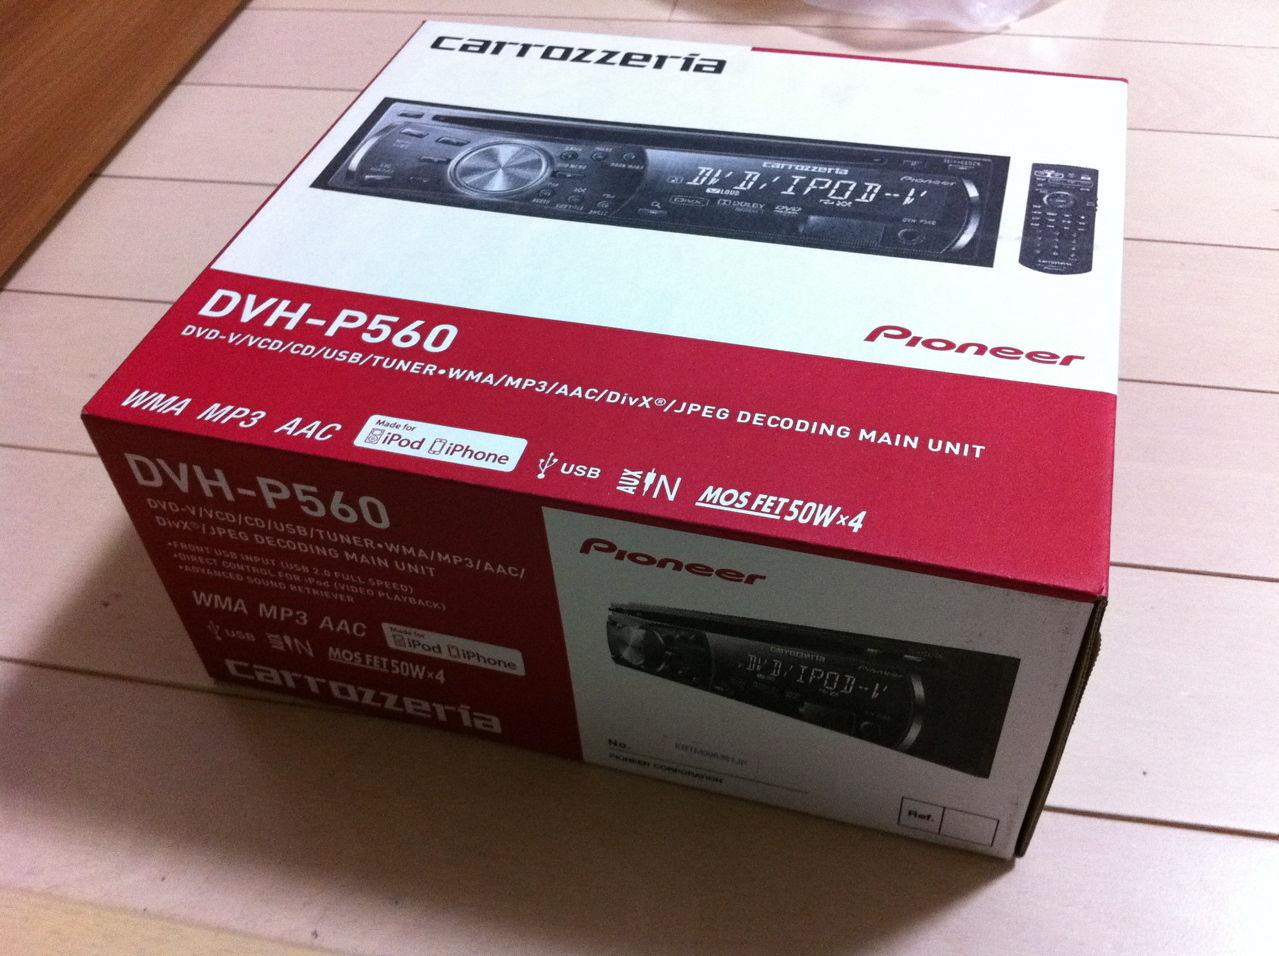 パイオニアDVH-P560箱